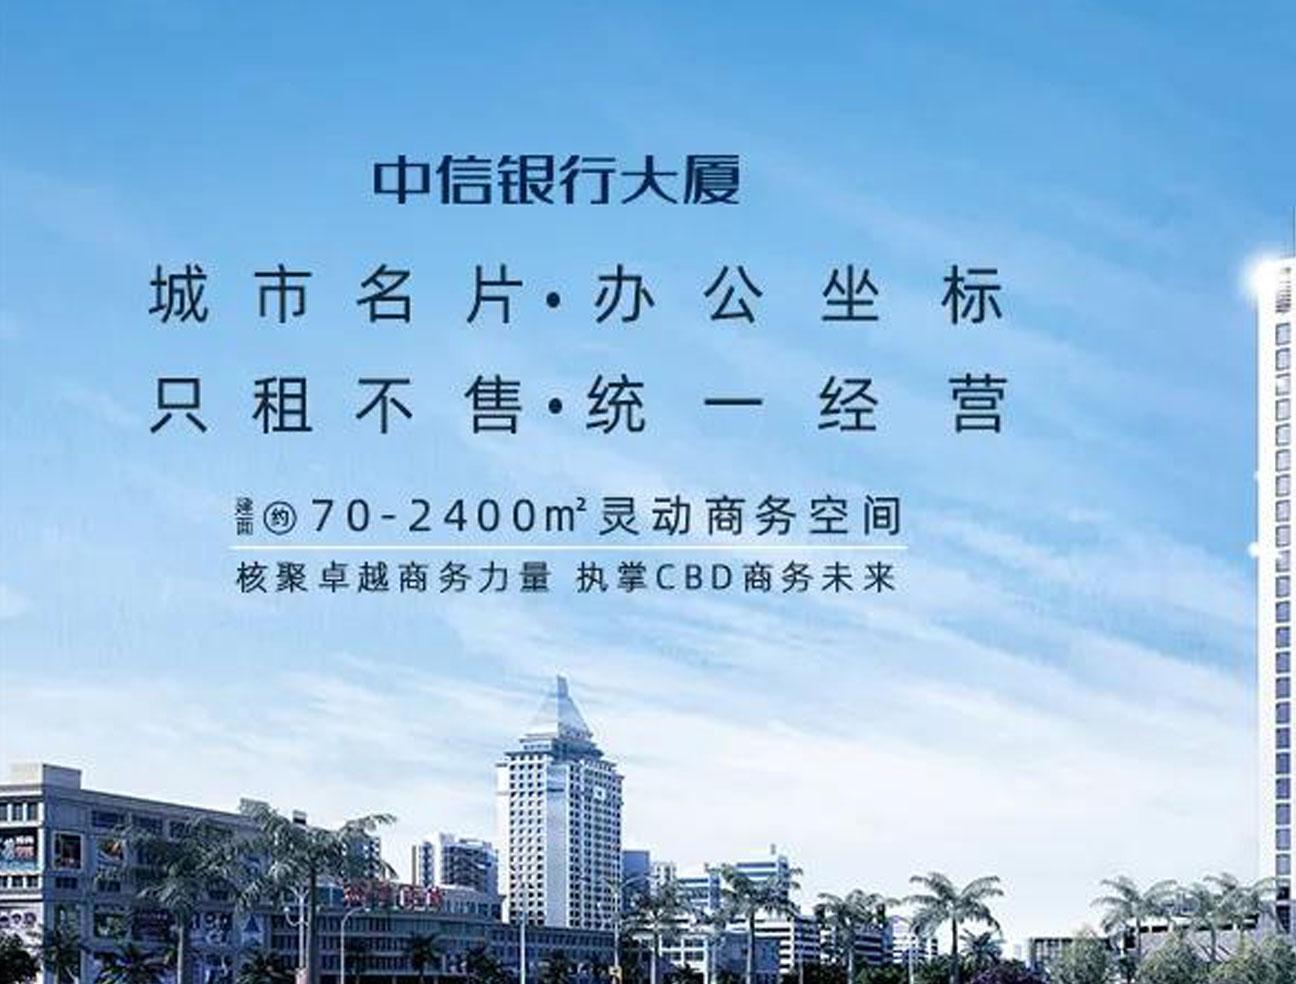 中信银行大厦 | 高端商务亚博网站备用网站 引领办公新体验